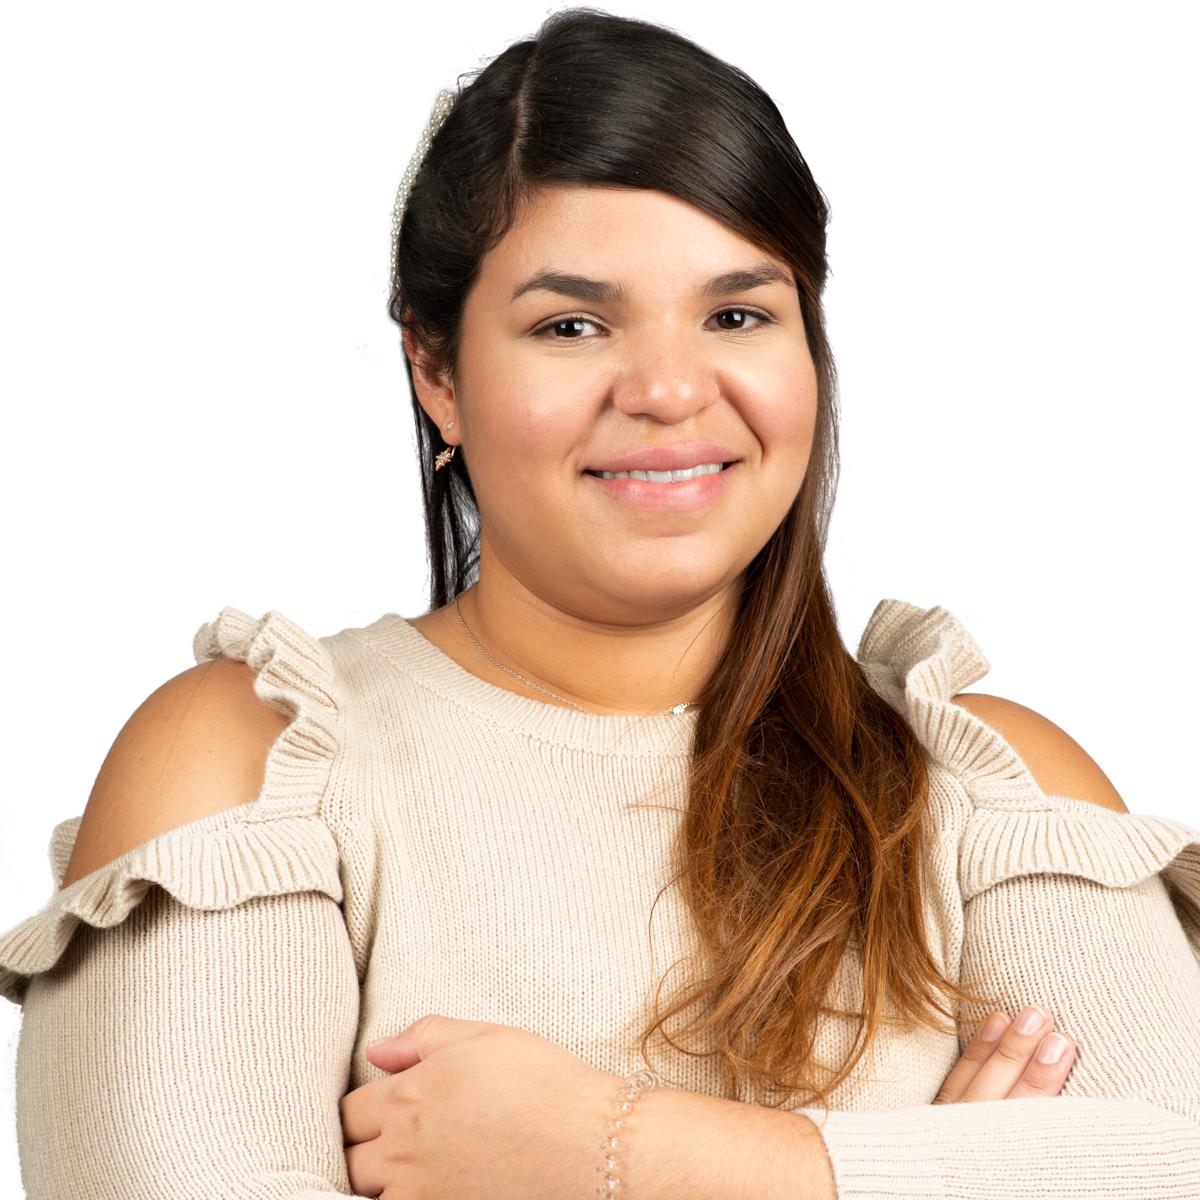 Daniella Maldari